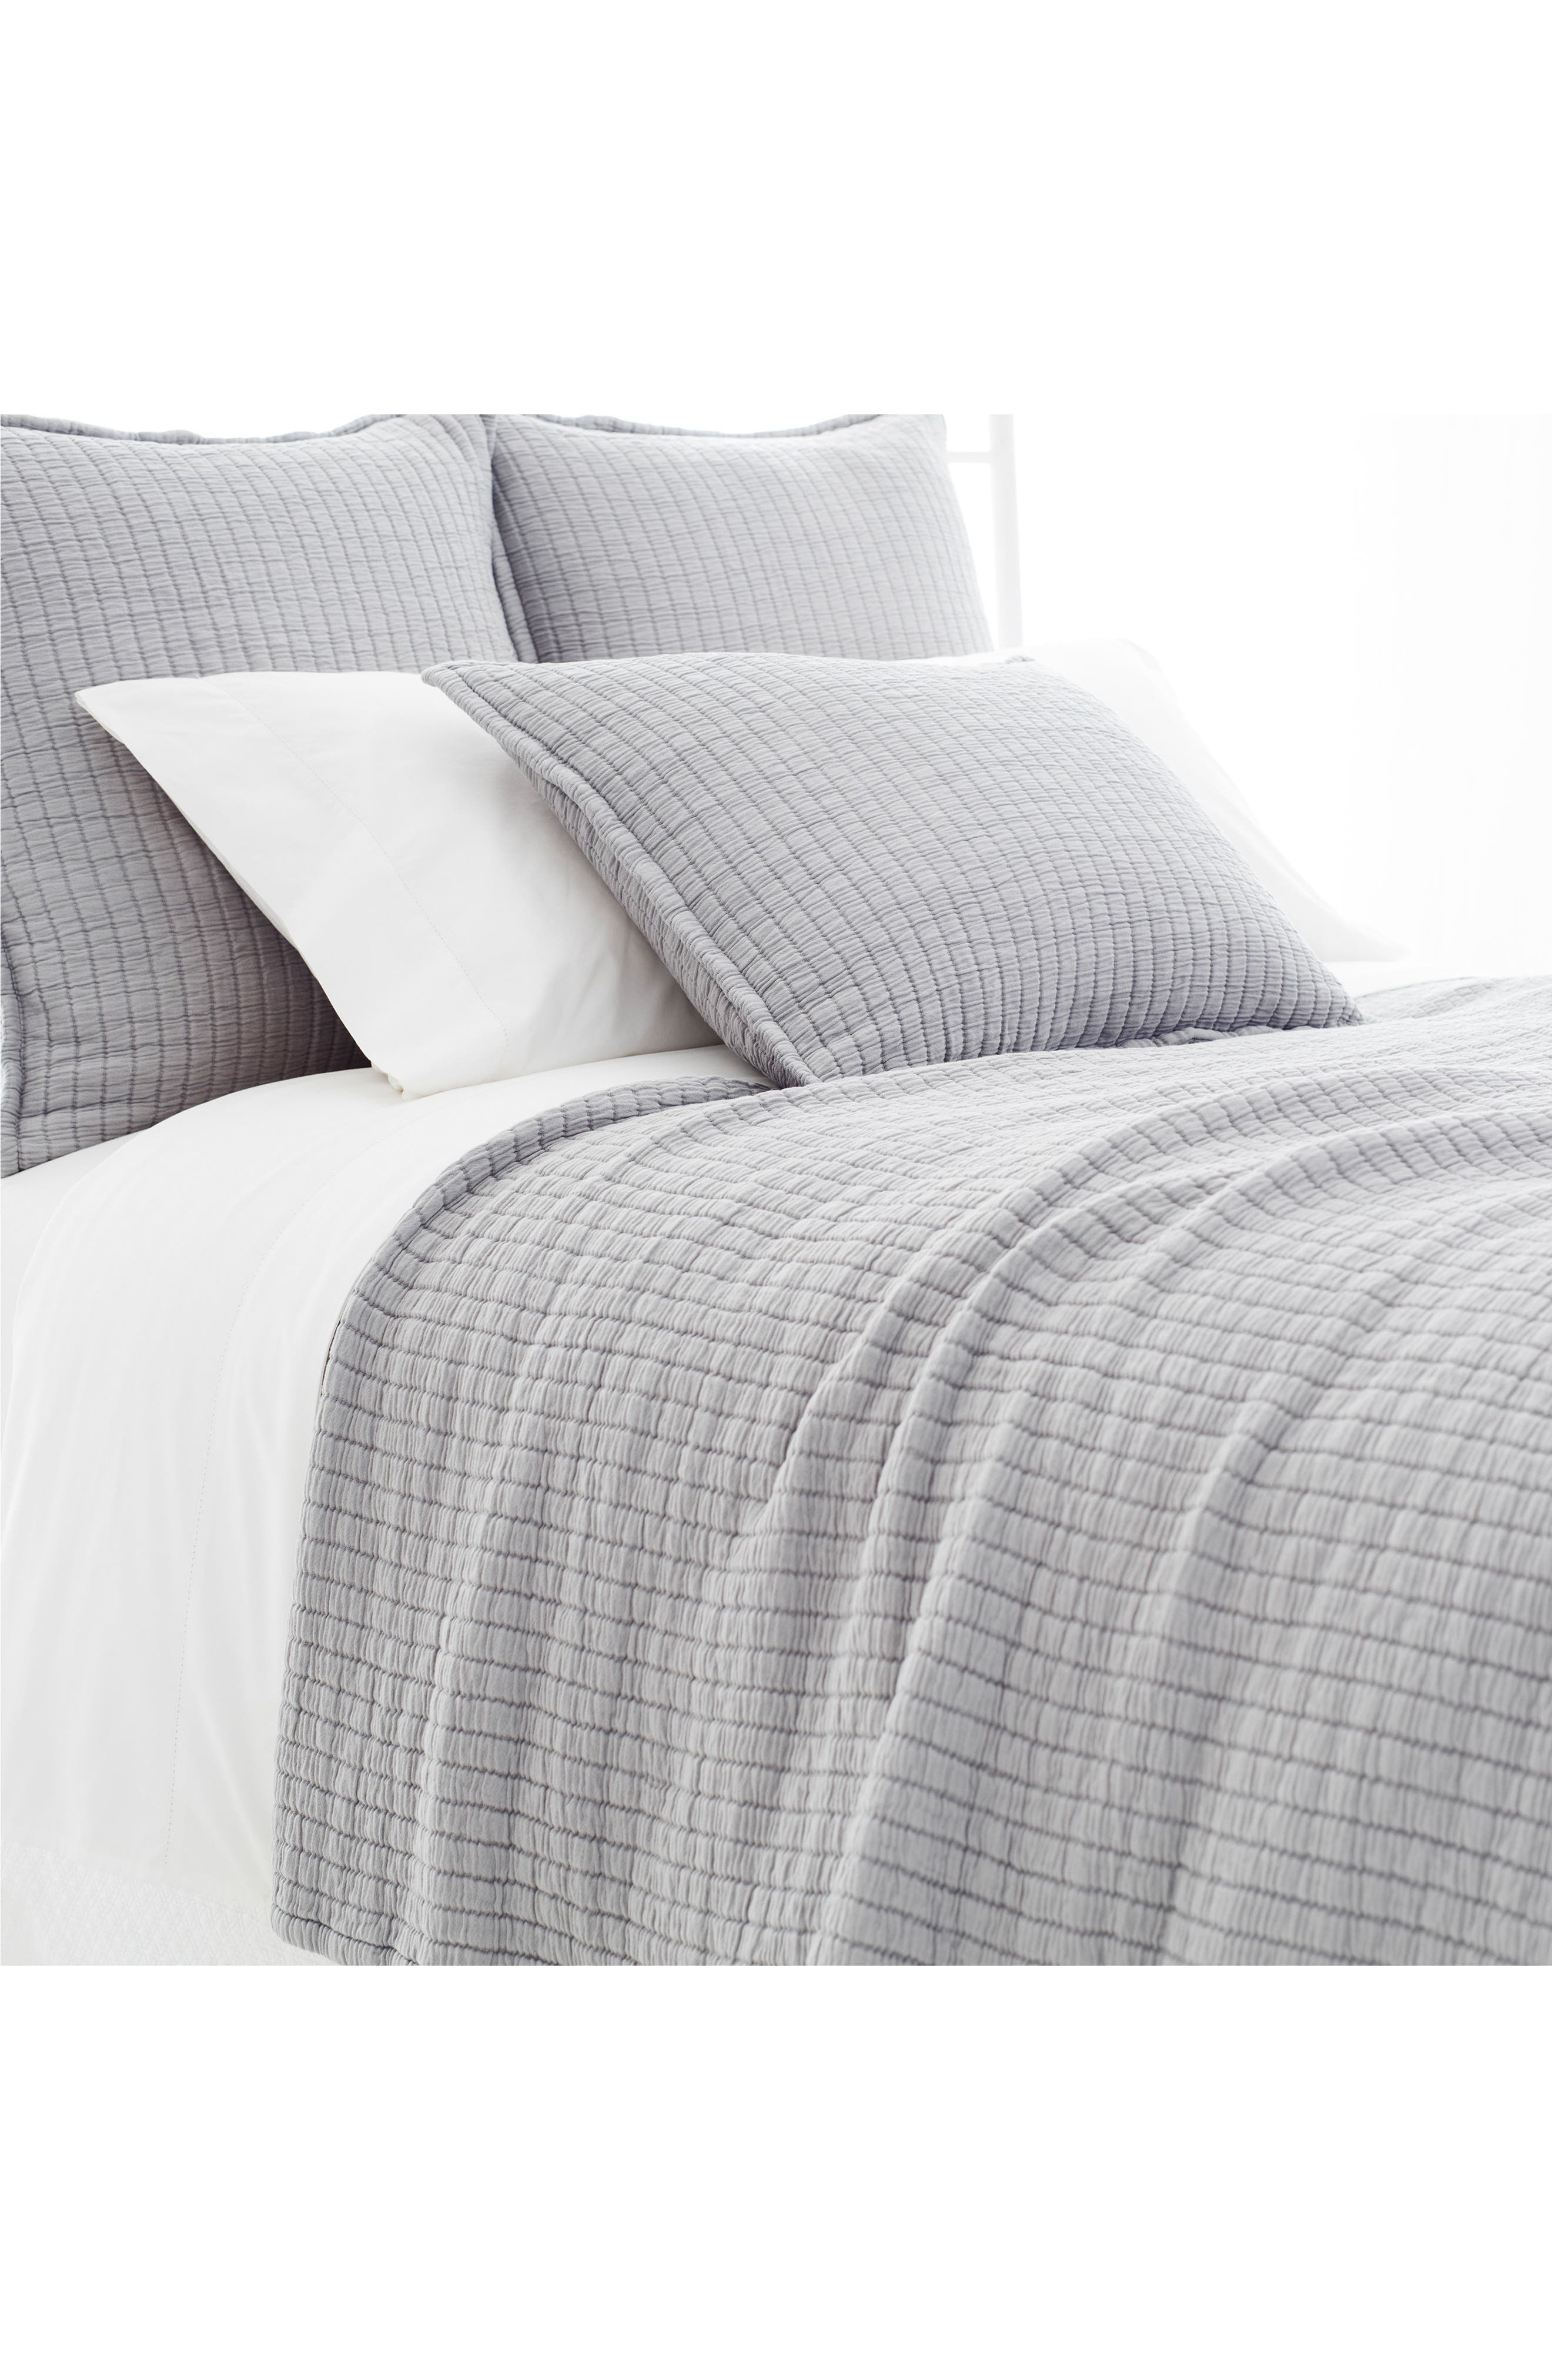 Matelassé Coverlet,                         Main,                         color, Grey